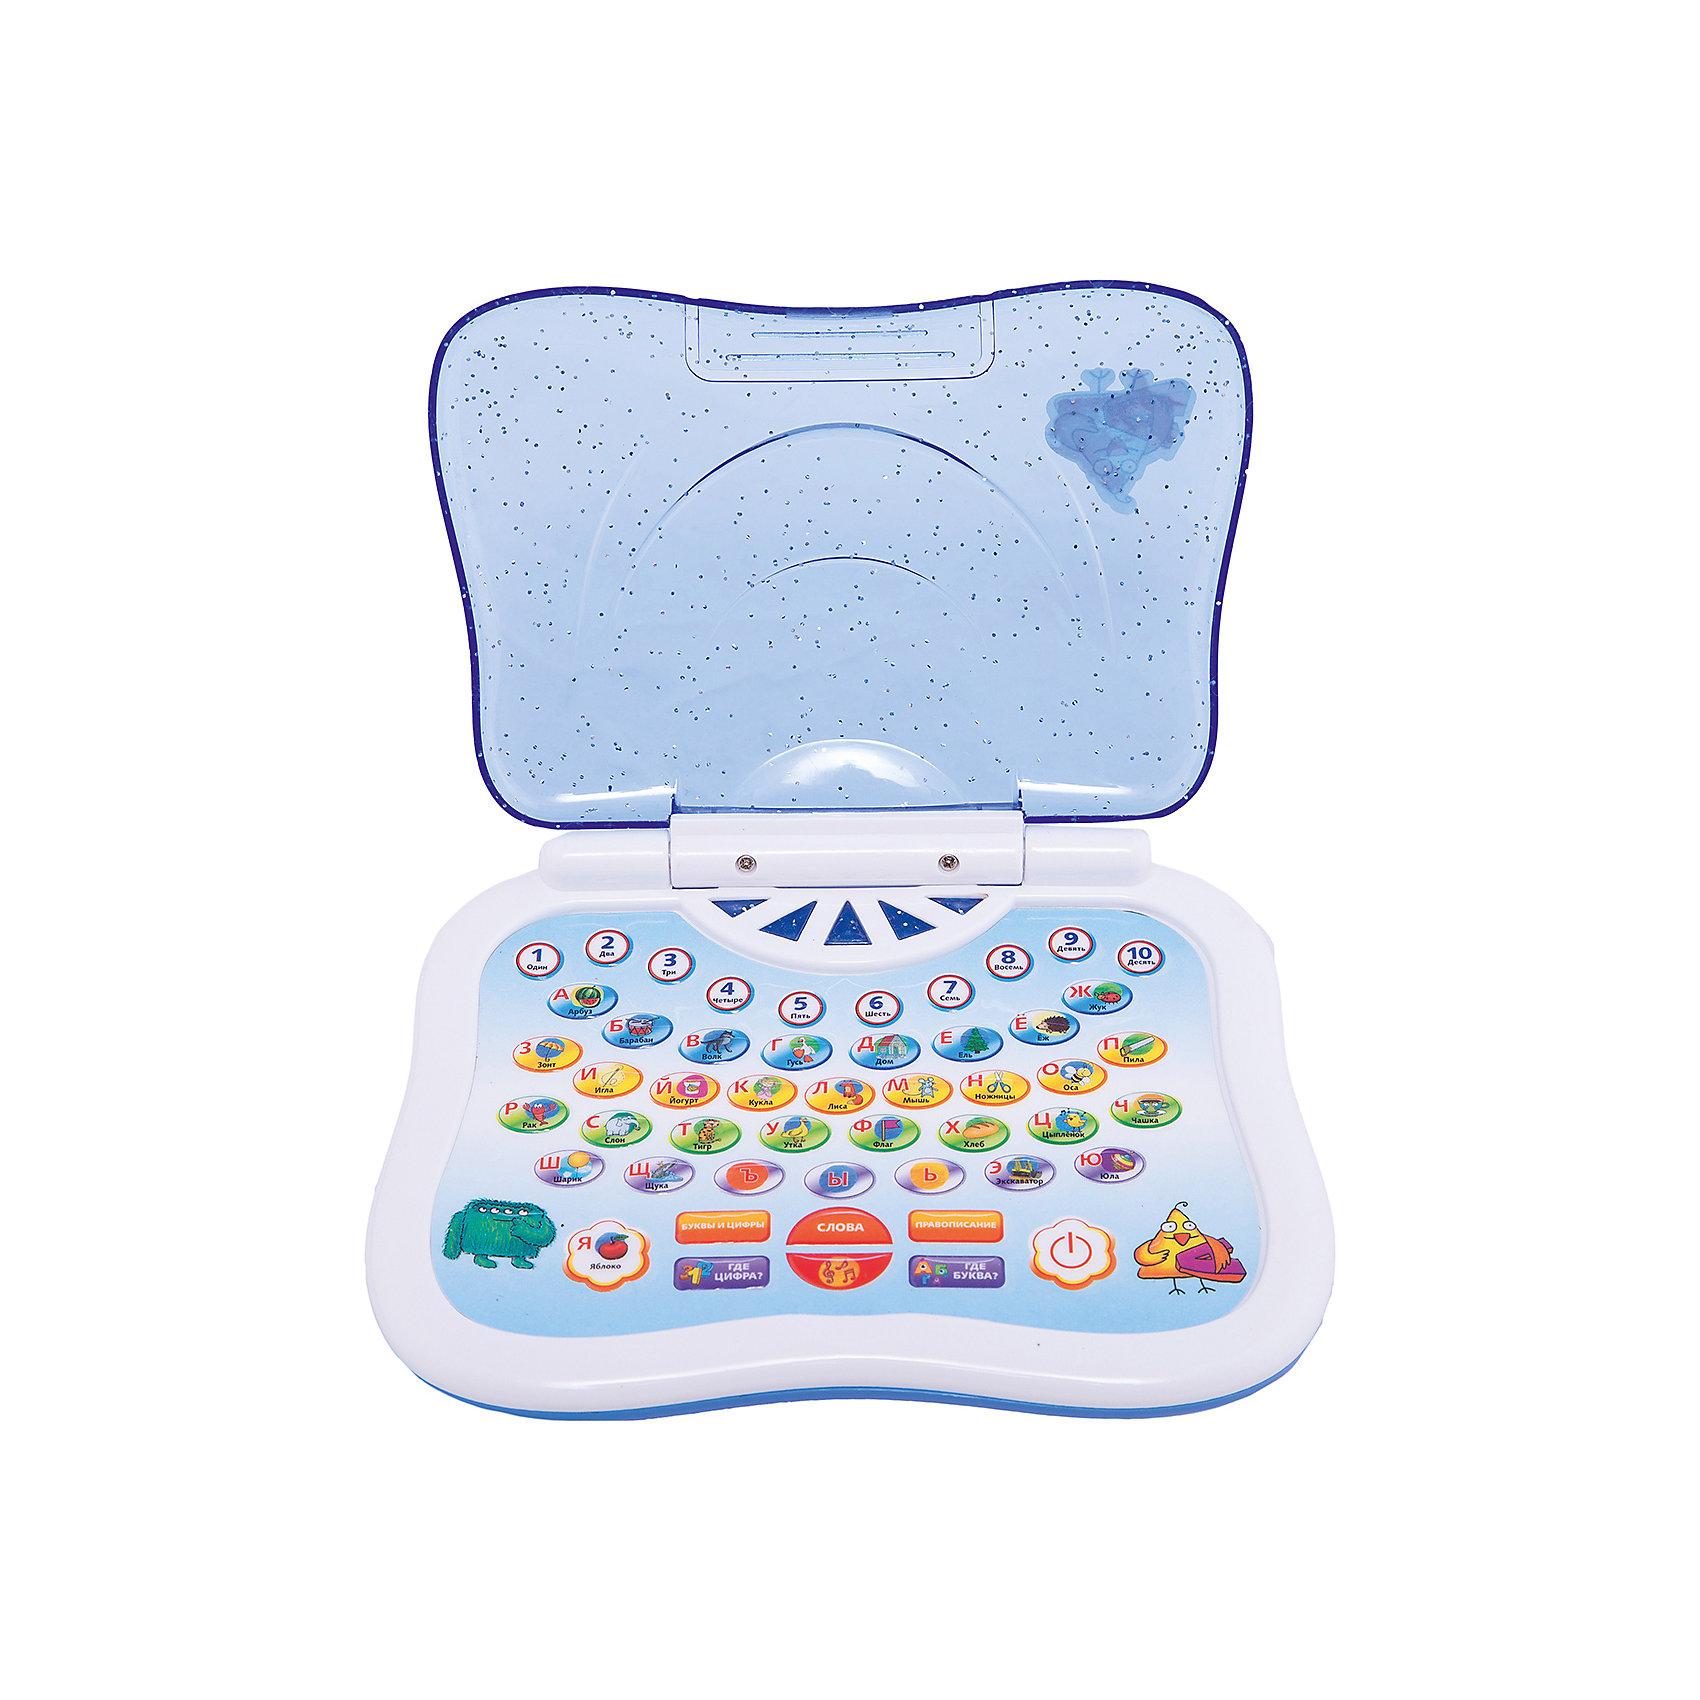 Обучающий компьютер Русский, KriblyBooРазвивающие игрушки<br>Обучающий компьютер Русский, KriblyBoo (Крибли Бу).<br><br>Характеристики:<br><br>• поможет изучить слова, буквы и цифры<br>• работает в шести режимах<br>• материал: пластик, металл<br>• батарейки: АА - 3 шт. (в комплект не входят)<br>• размер упаковки: 5х18,5х23 см<br>• вес: 300 грамм<br>• размер компьютера: 16х13 см<br><br>Обучающий компьютер KriblyBoo станет незаменимым помощником для родителей. С его помощью ребенок легко выучит цифры и буквы, а затем и закрепит свои знания. Компьютер работает в нескольких режимах: обучение цифрам, обучение буквам, произношение слов по буквам, проверка знаний и прослушивание песен. Каждый режим активируется нажатием на кнопку. При этом ребенок сам может выбрать букву или цифру, которую он желает изучить. Громкость звука игрушки регулируется. Компьютер имеет крышку, защищающую от влаги. С ярким компьютером процесс обучения превратится в настоящую игру!<br><br>Обучающий компьютер Русский, KriblyBoo (Крибли Бу) вы можете купить в нашем интернет-магазине.<br><br>Ширина мм: 230<br>Глубина мм: 185<br>Высота мм: 50<br>Вес г: 300<br>Возраст от месяцев: 36<br>Возраст до месяцев: 120<br>Пол: Женский<br>Возраст: Детский<br>SKU: 5017663